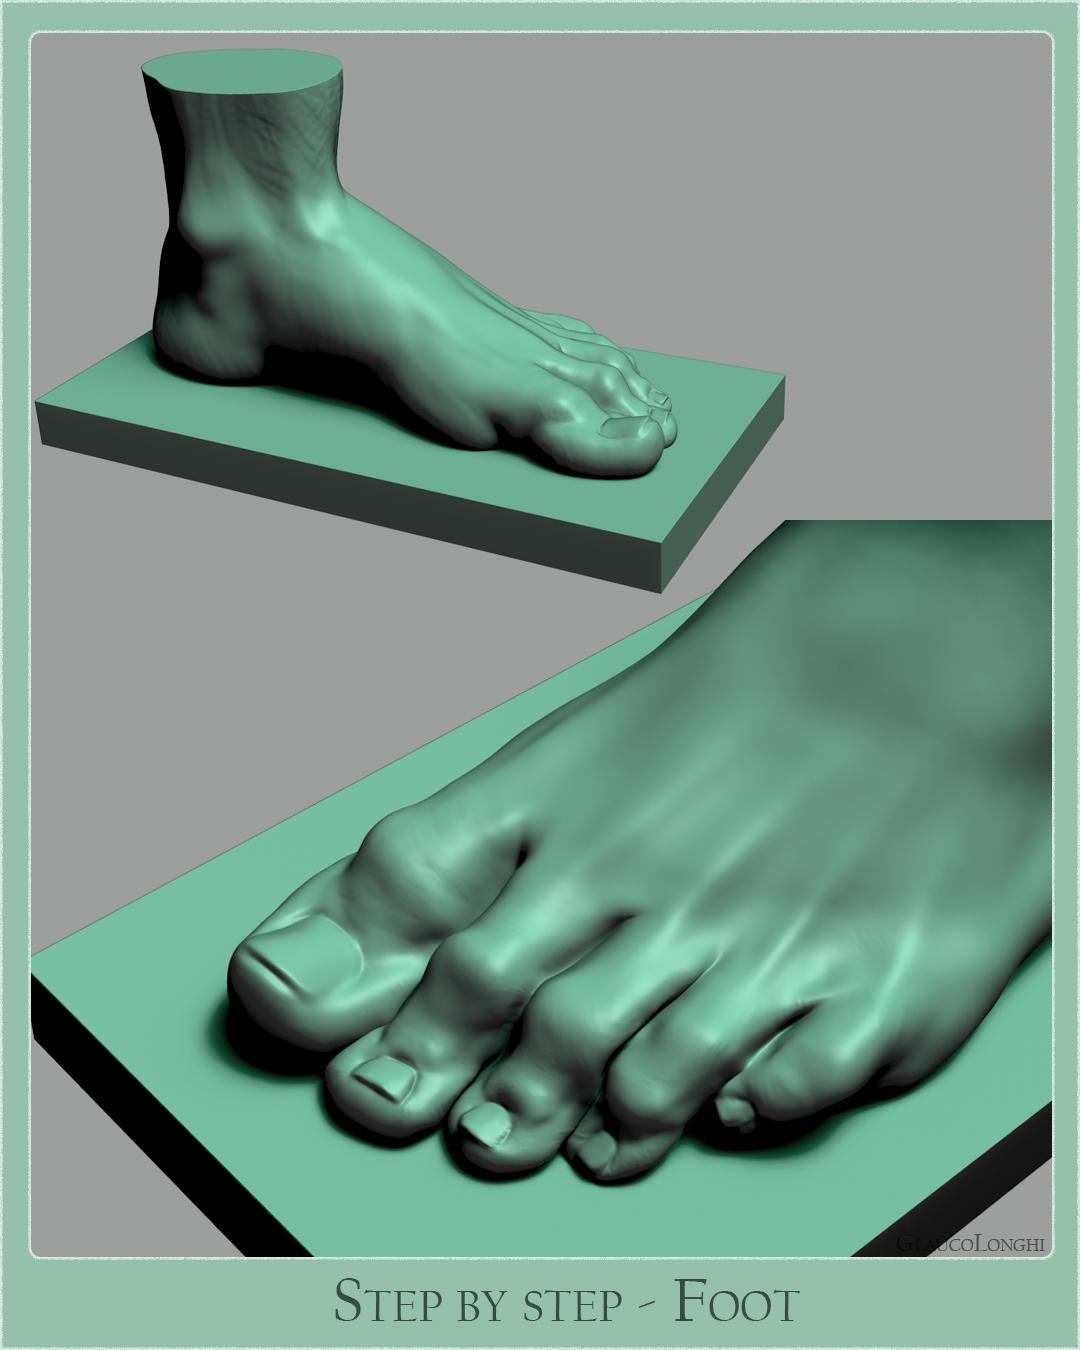 sbs_foot_004.jpg